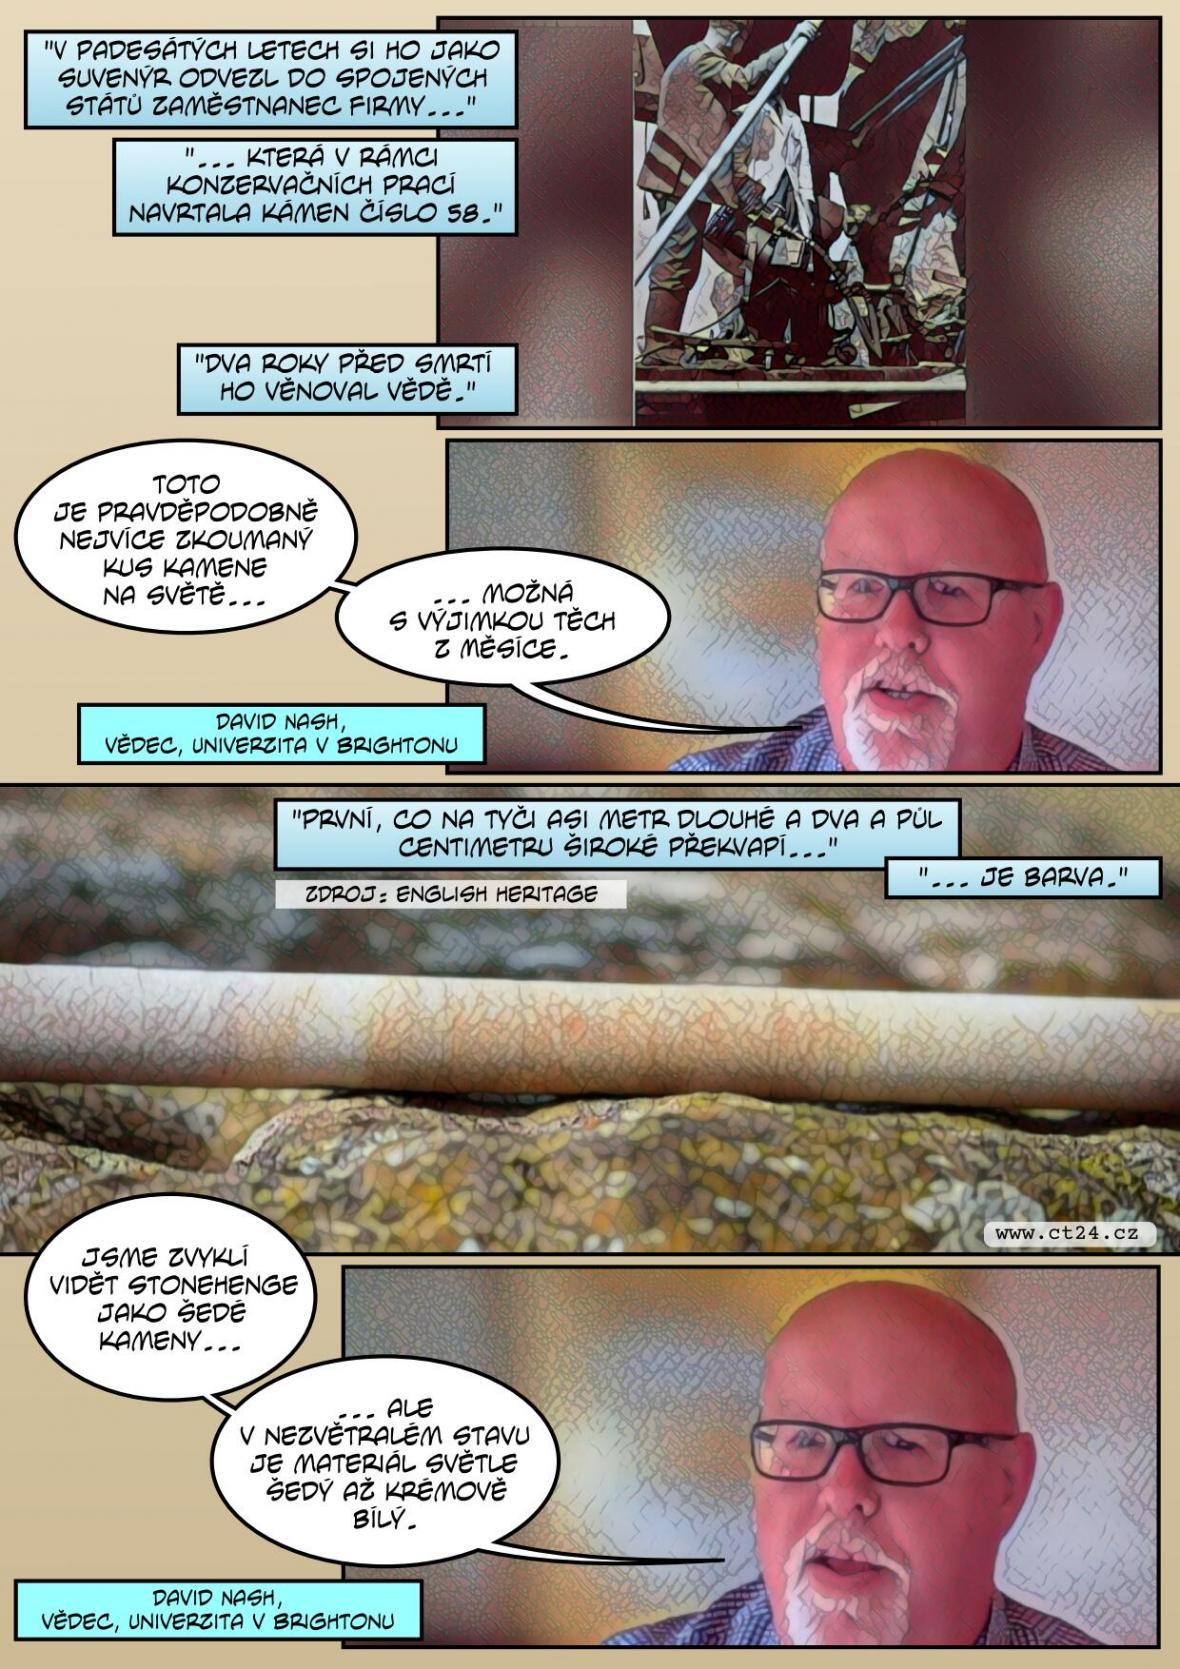 Vědci odhalili původ kamenů Stonehenge